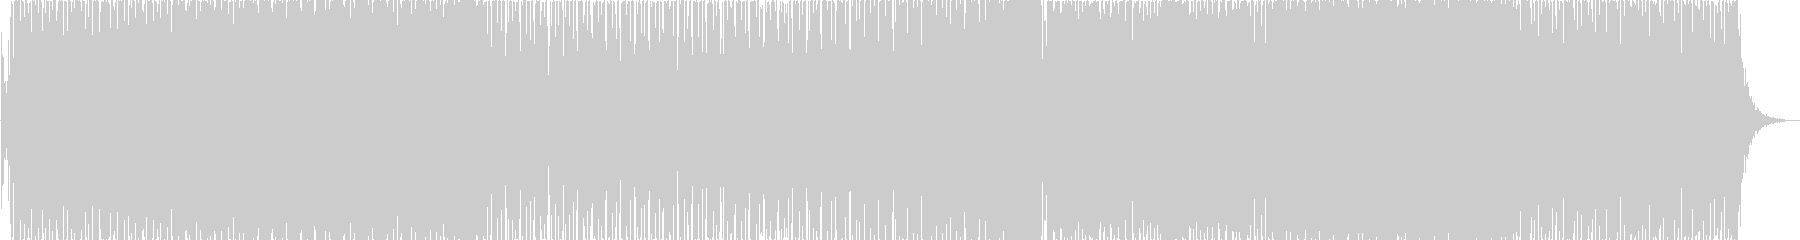 プラックシンセが特徴のリズミカルな電子曲の未再生の波形